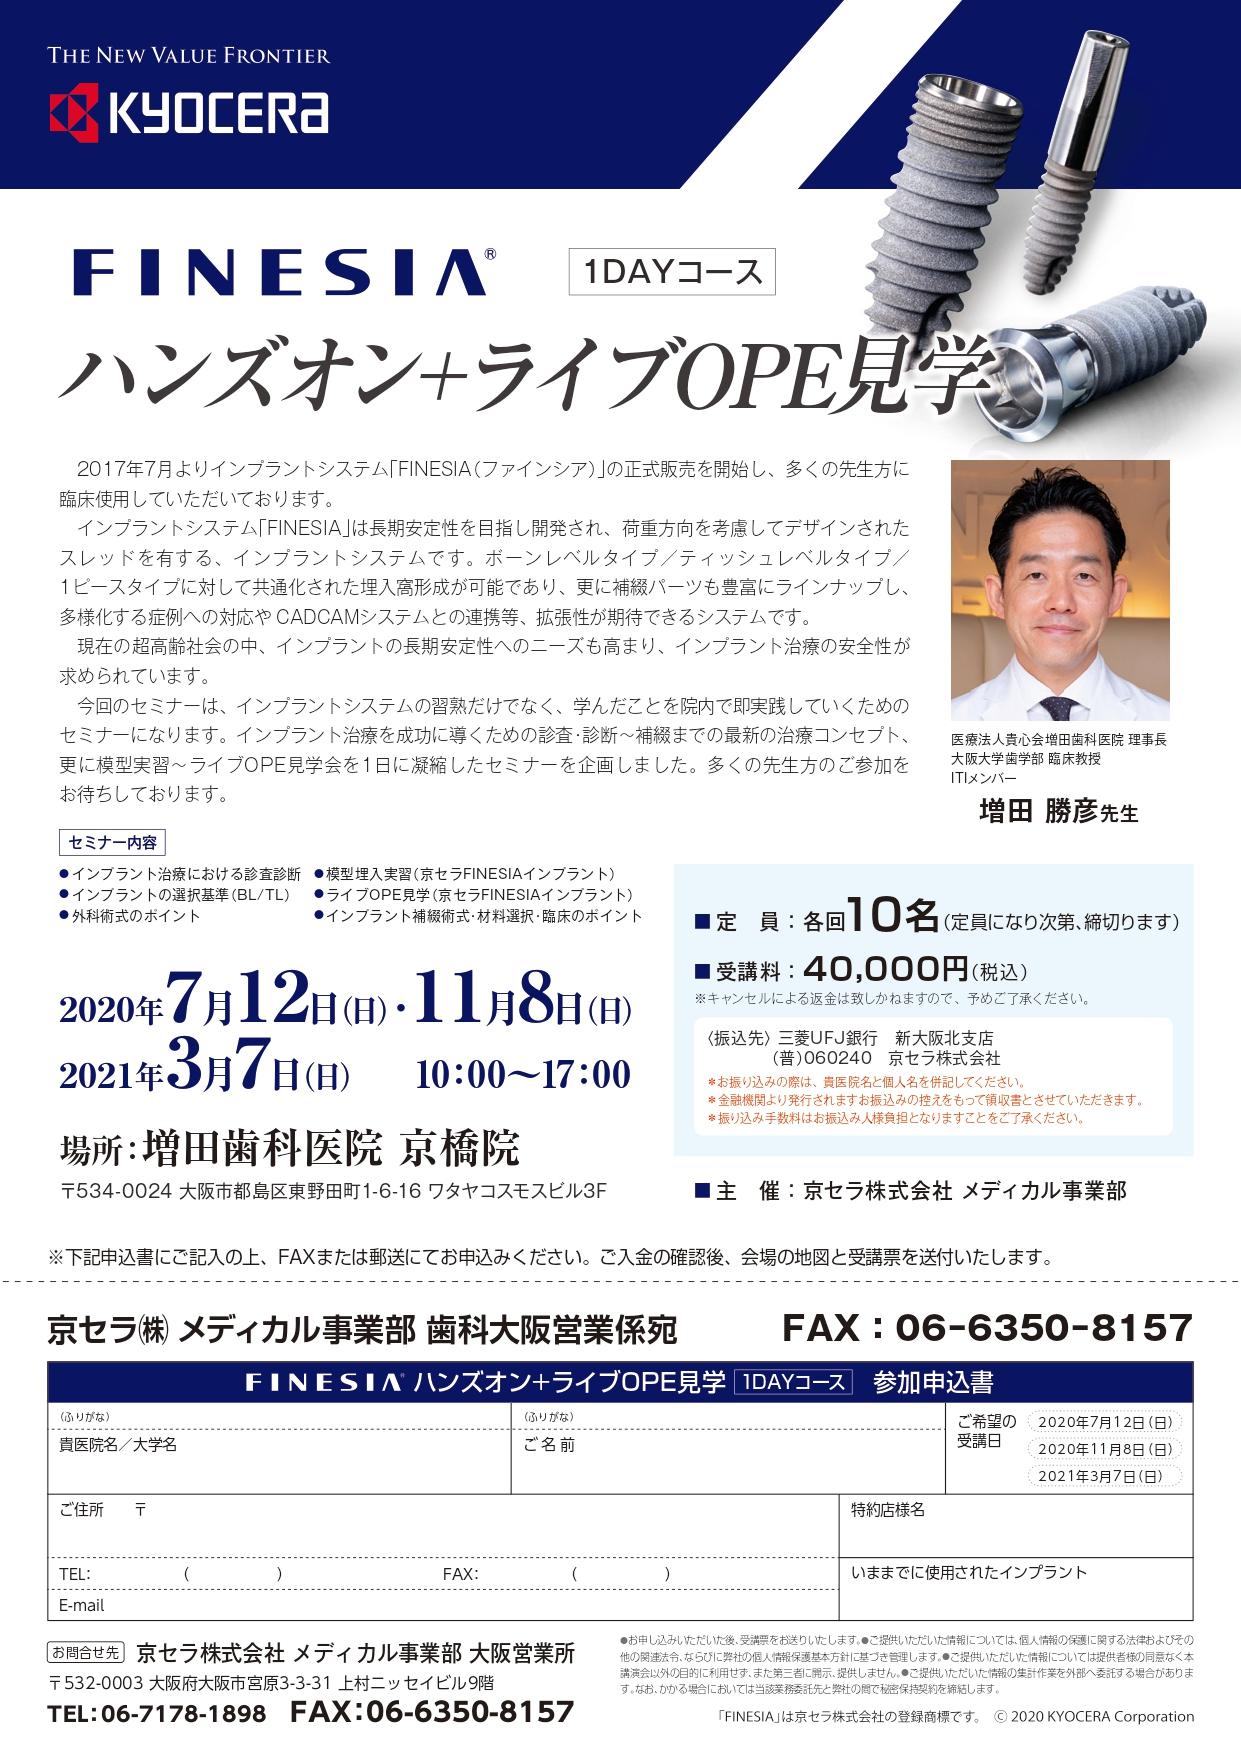 FINESIA ハンズオン+ライブOPE見学 【1DAYコース】